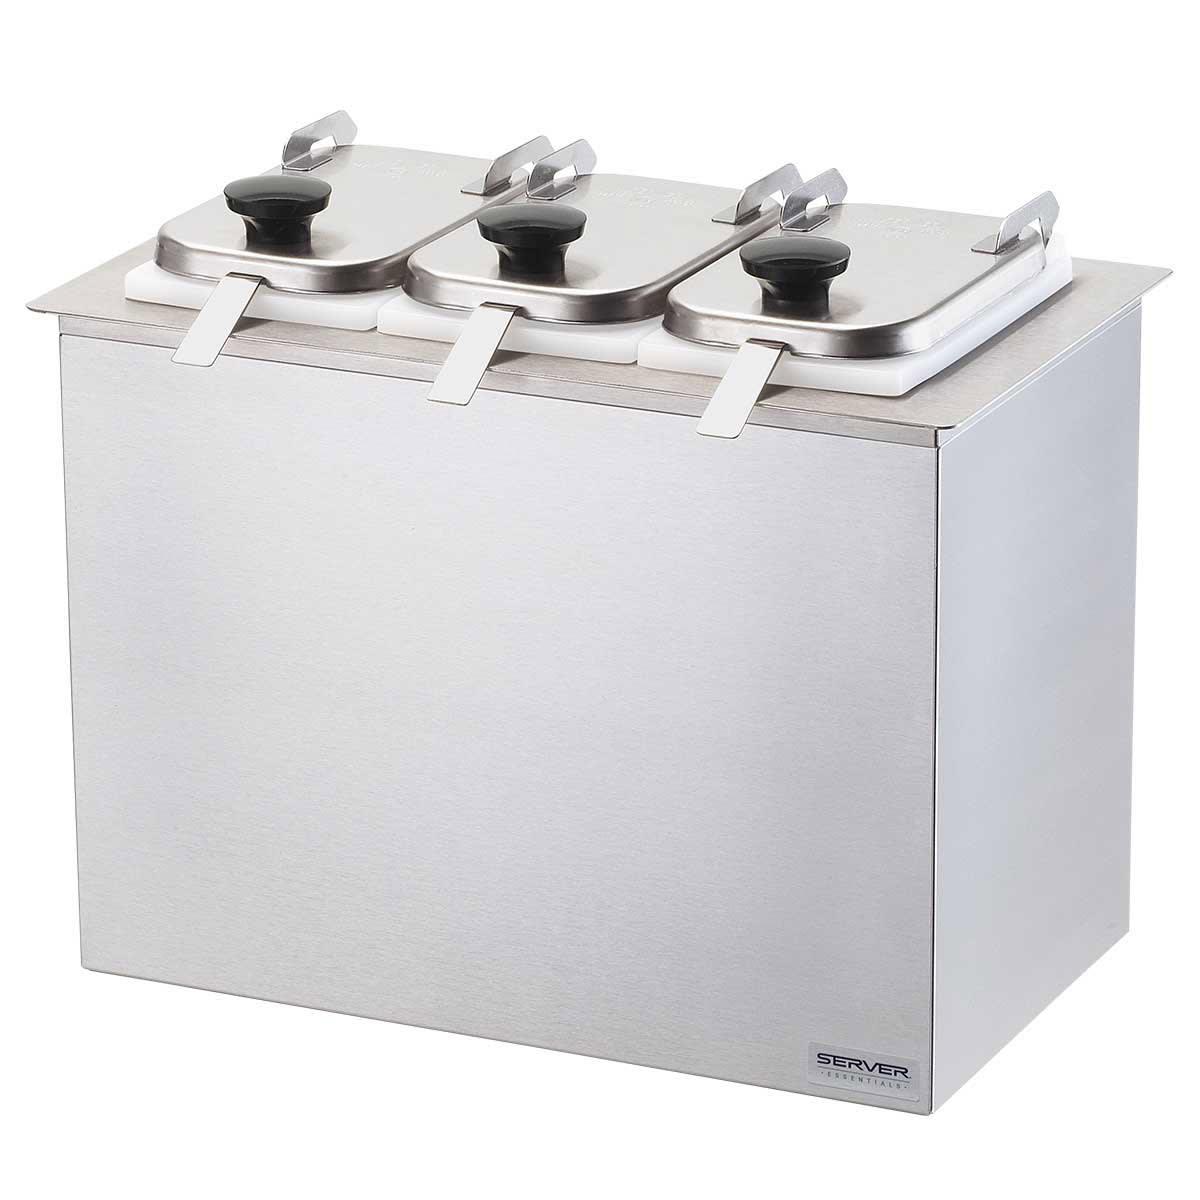 Server 80520 Dipper-Style Topping Dispenser w/ (3) 1-oz Ladles, Stainless